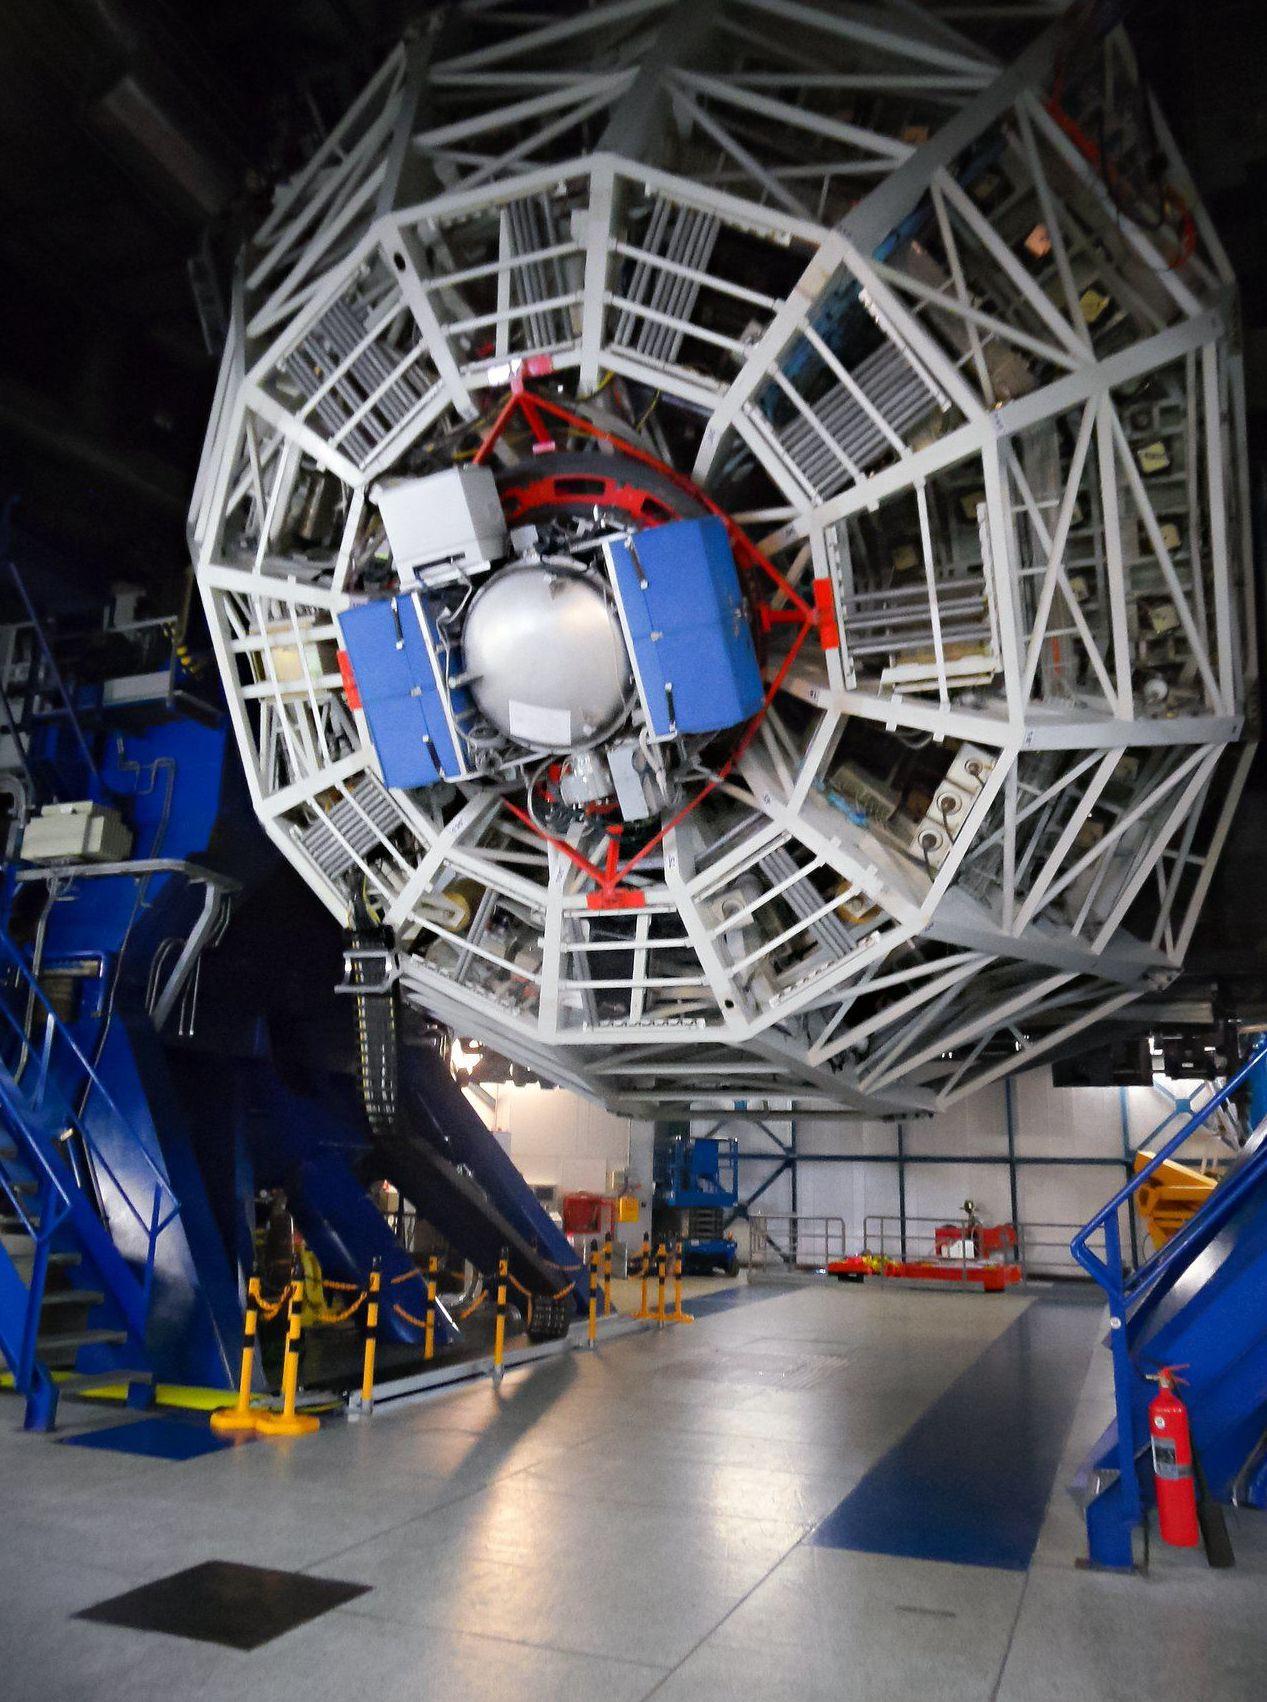 Very Large Telescope con lo strumento VISIR per la ricerca di pianeti extrasolari da Alpha Centauri. Questa immagine mostra NEAR montato su UT4, con il telescopio inclinato a bassa quota.